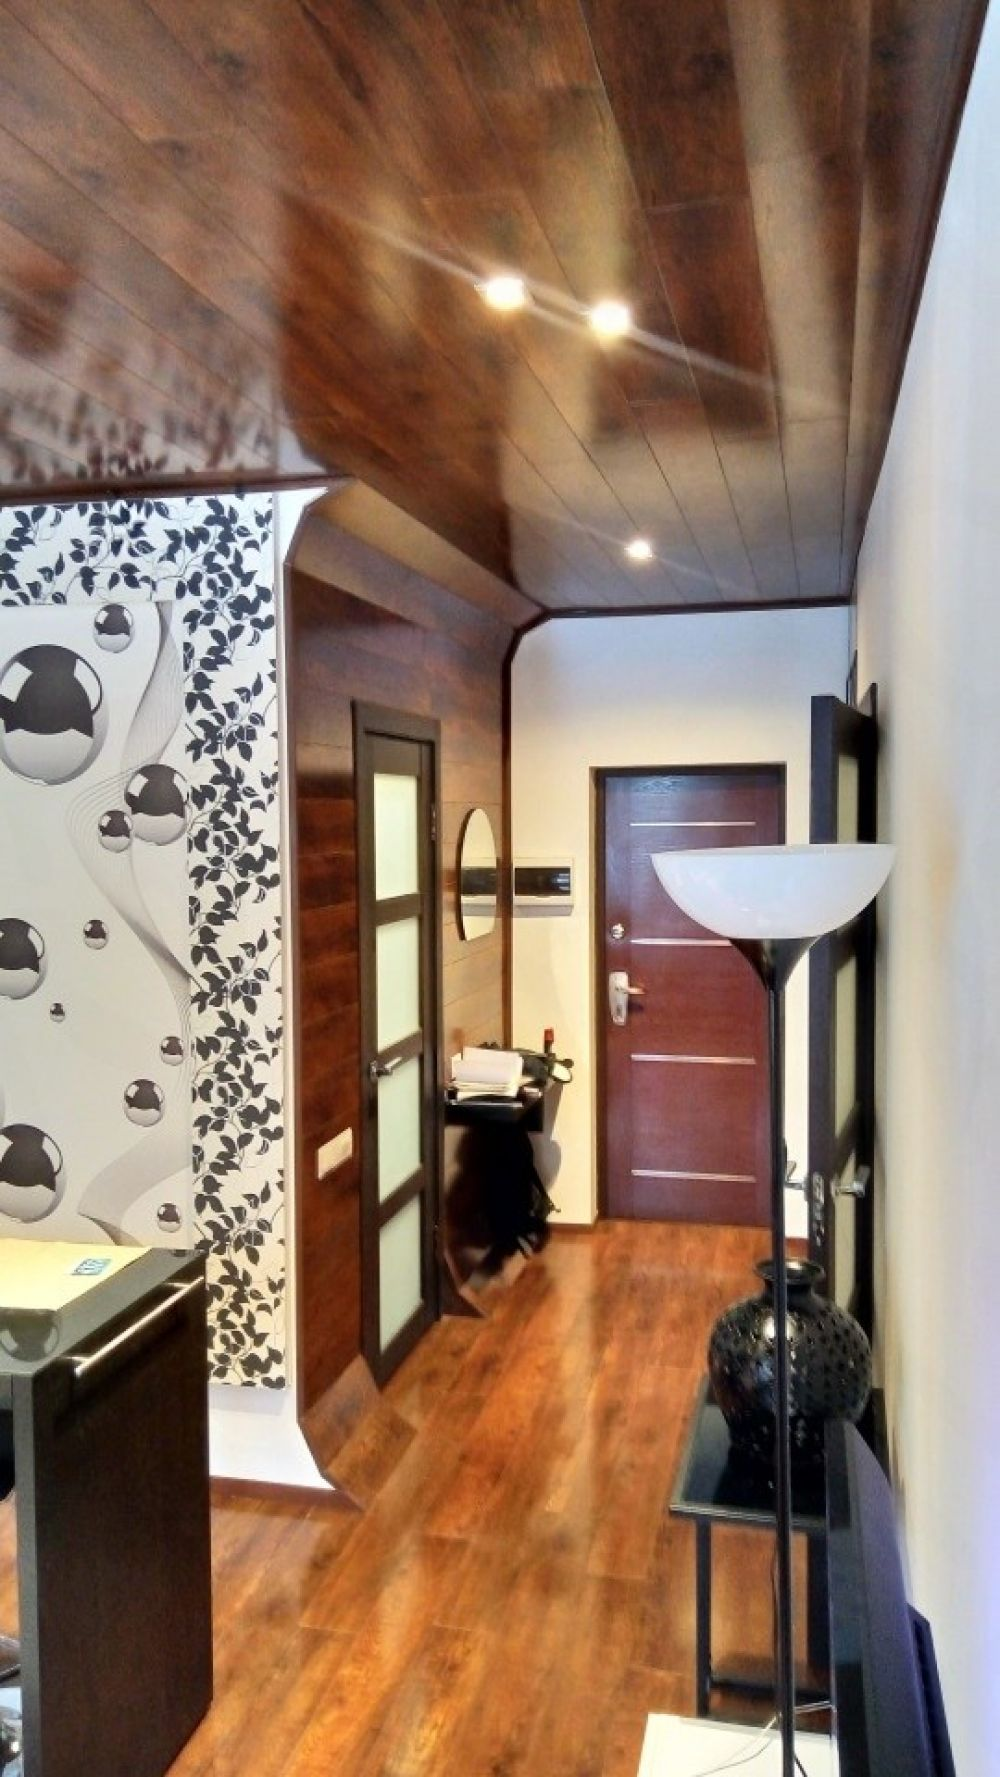 Продается 1-к квартира  городской округ Лосино-Петровский Аничково дом 4, фото 2